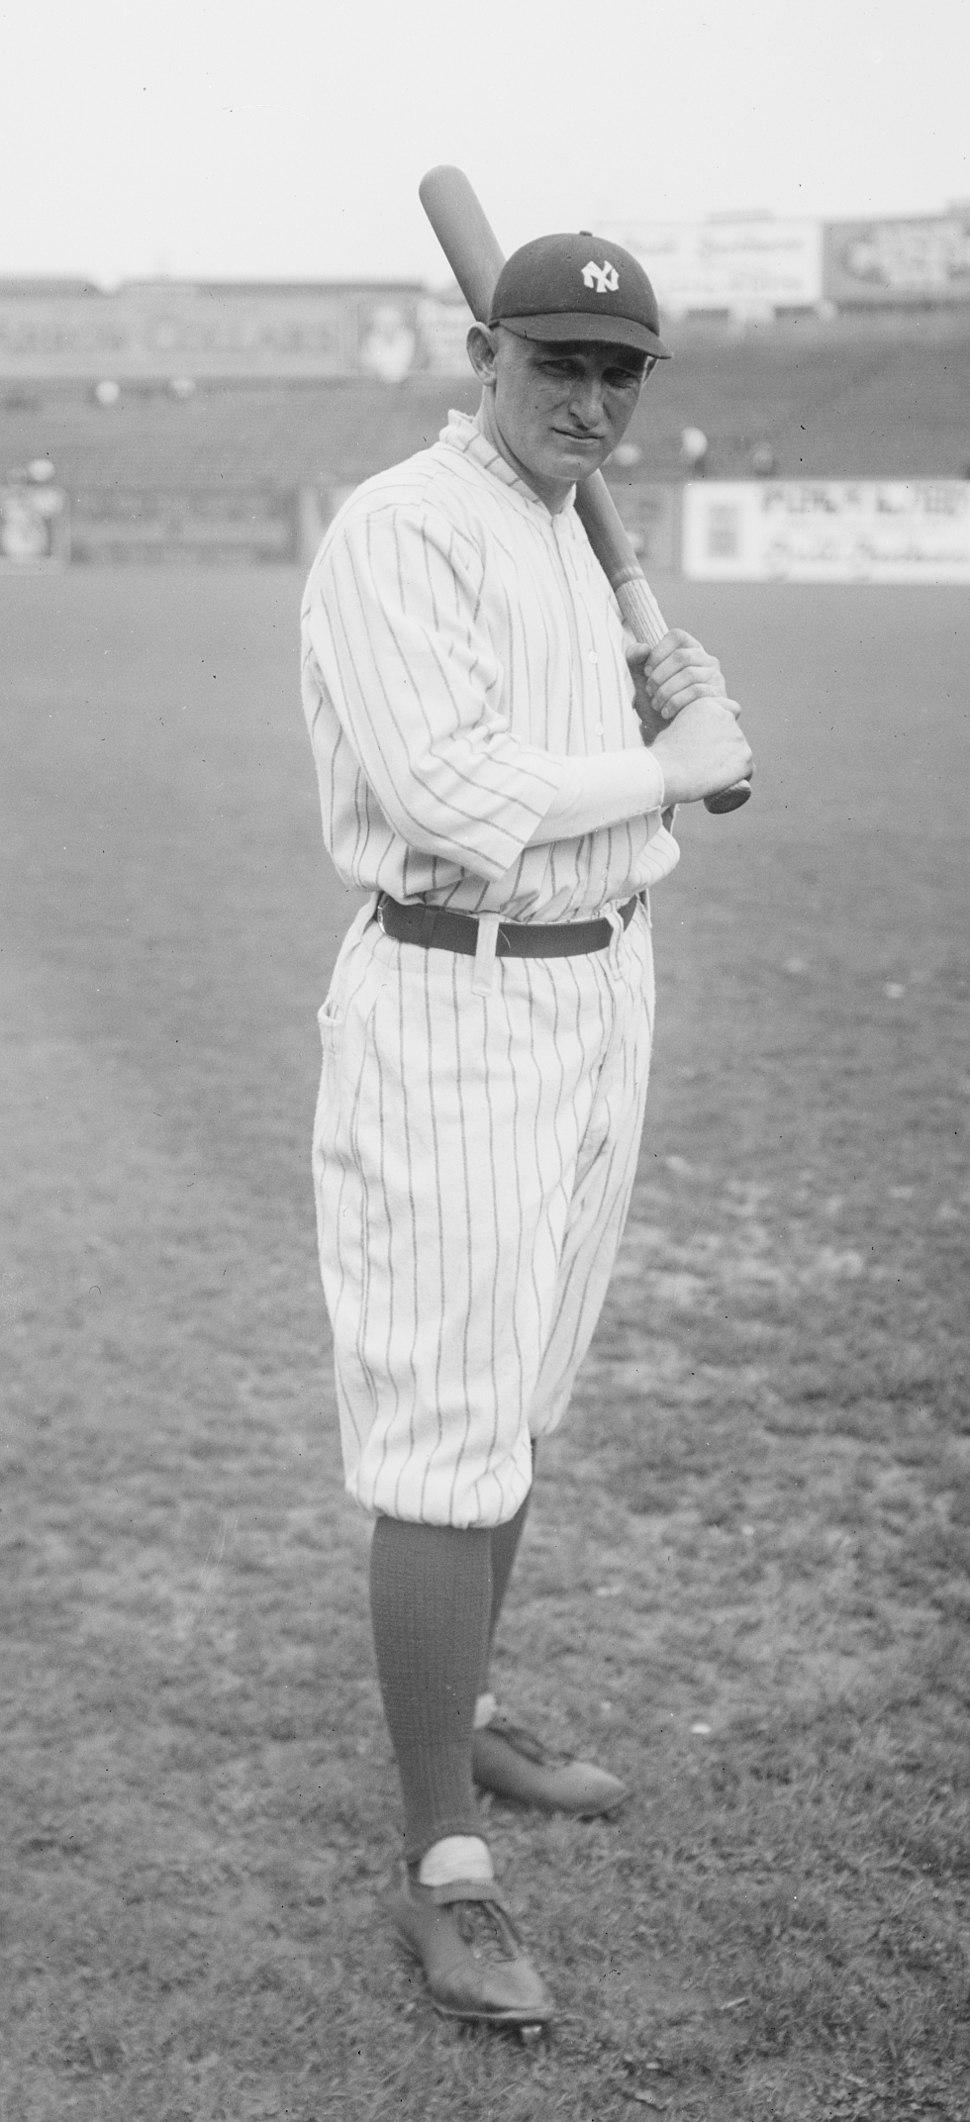 Carl Mays MLB Photo